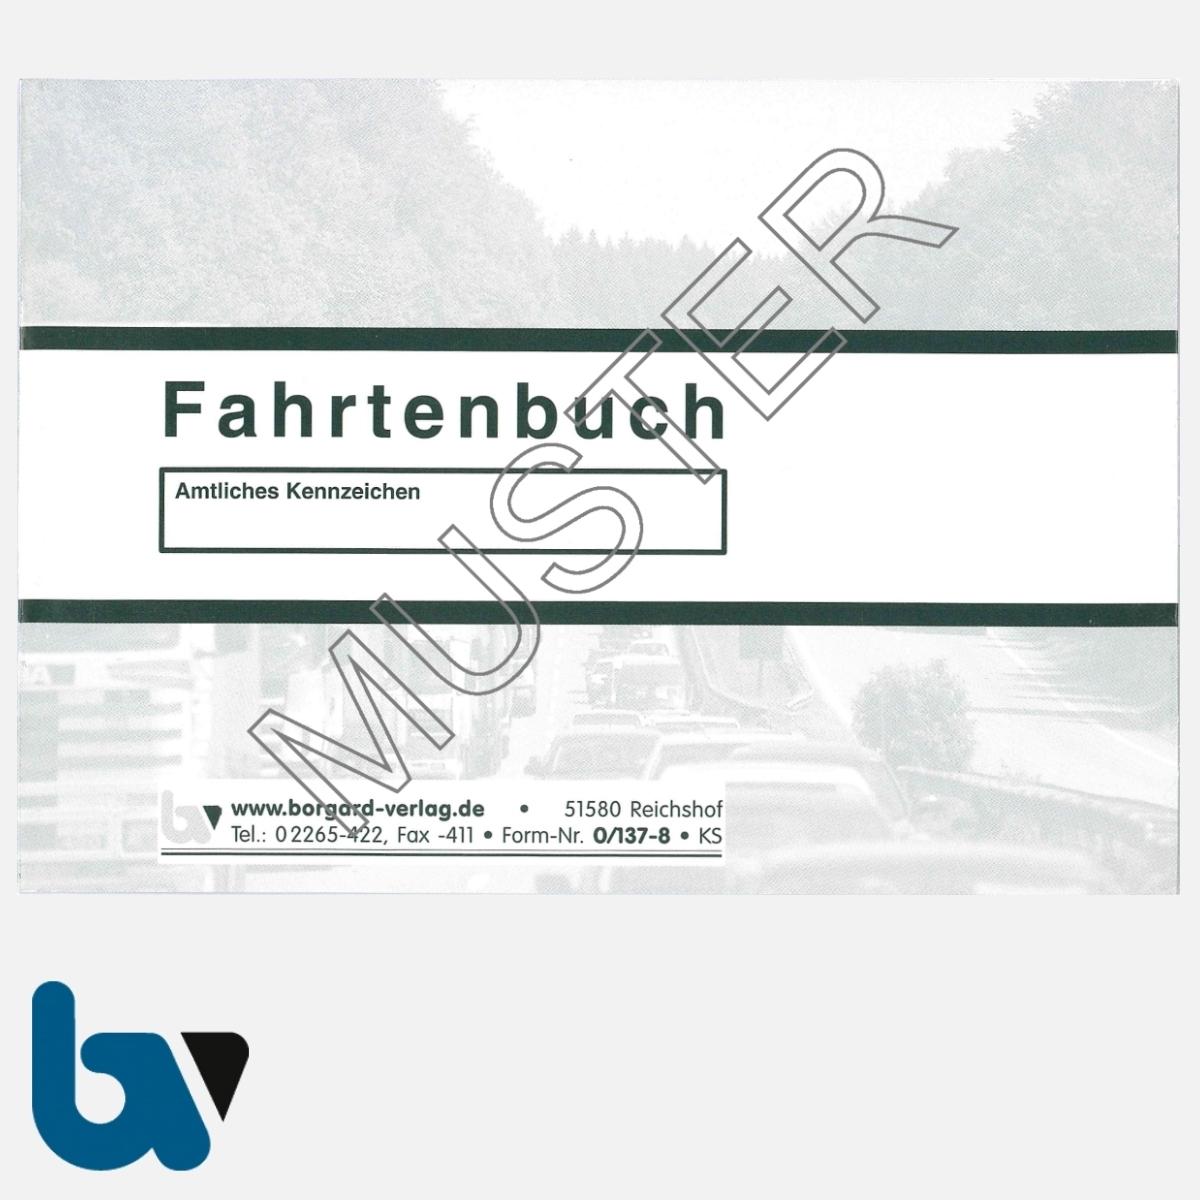 0/137-8 Fahrtenbuch Fahrzeug Bundesministerium Finanzen Dienstreise dienstlich Verwaltung Behörde DIN A6 Seite 1 | Borgard Verlag GmbH